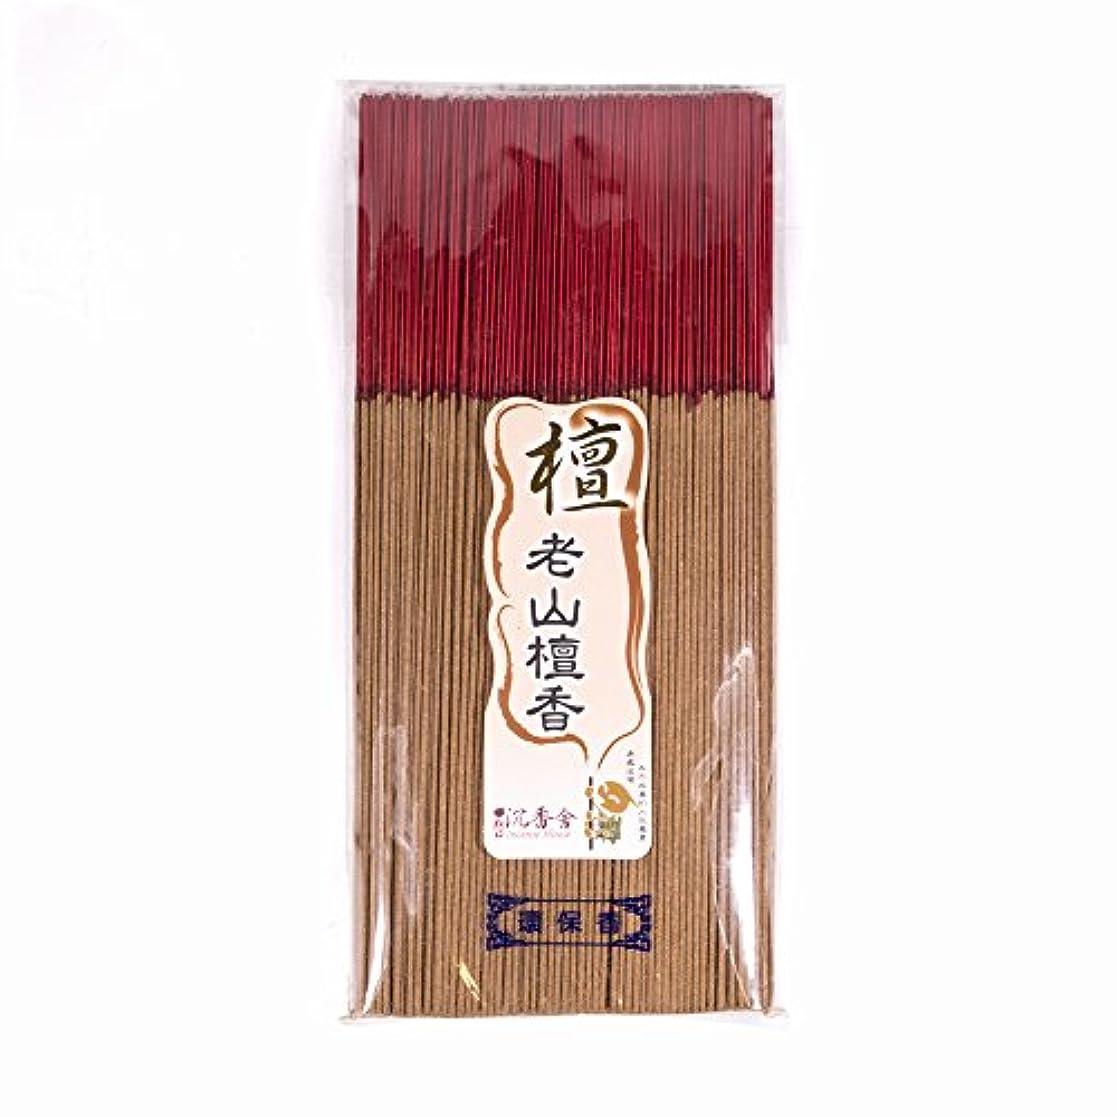 国民メジャー研究所台湾沉香舍 老山檀香 台湾のお香家 - 檀香 30cm (木支香) 300g 約400本